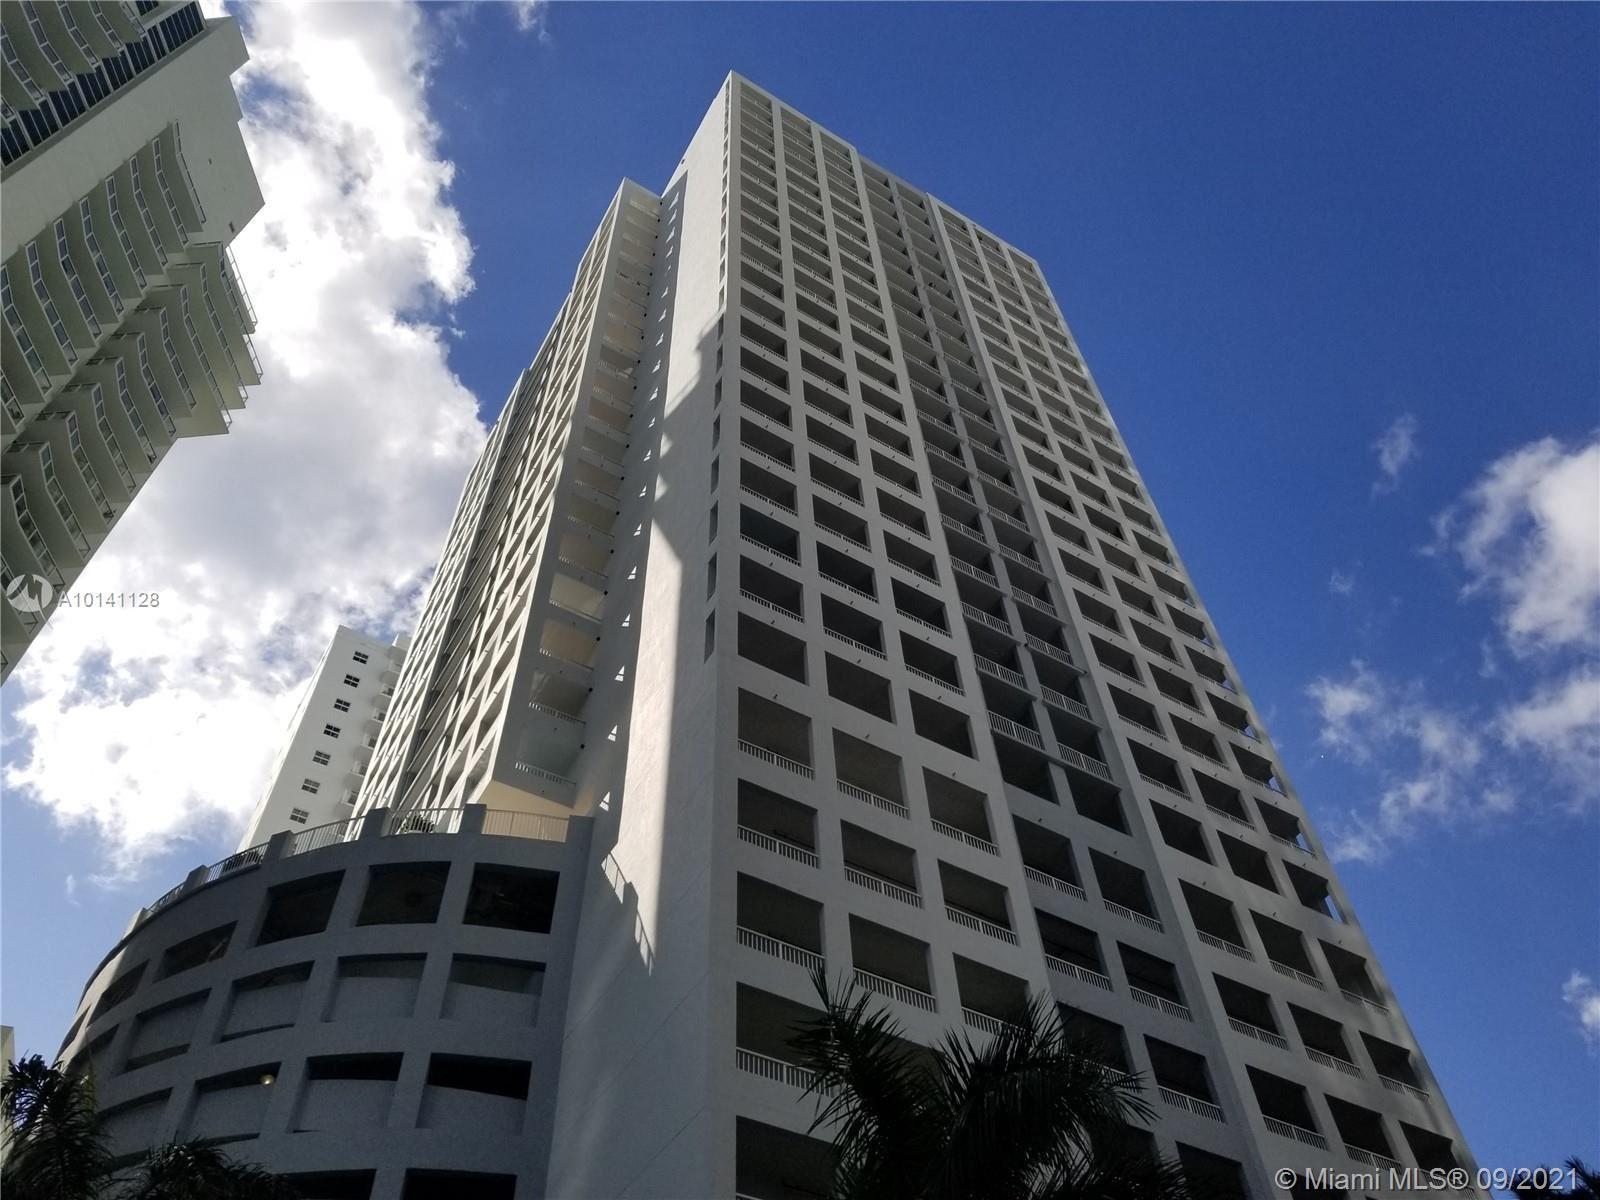 170 SE 14th St #1607, Miami, FL 33131 - #: A10141128